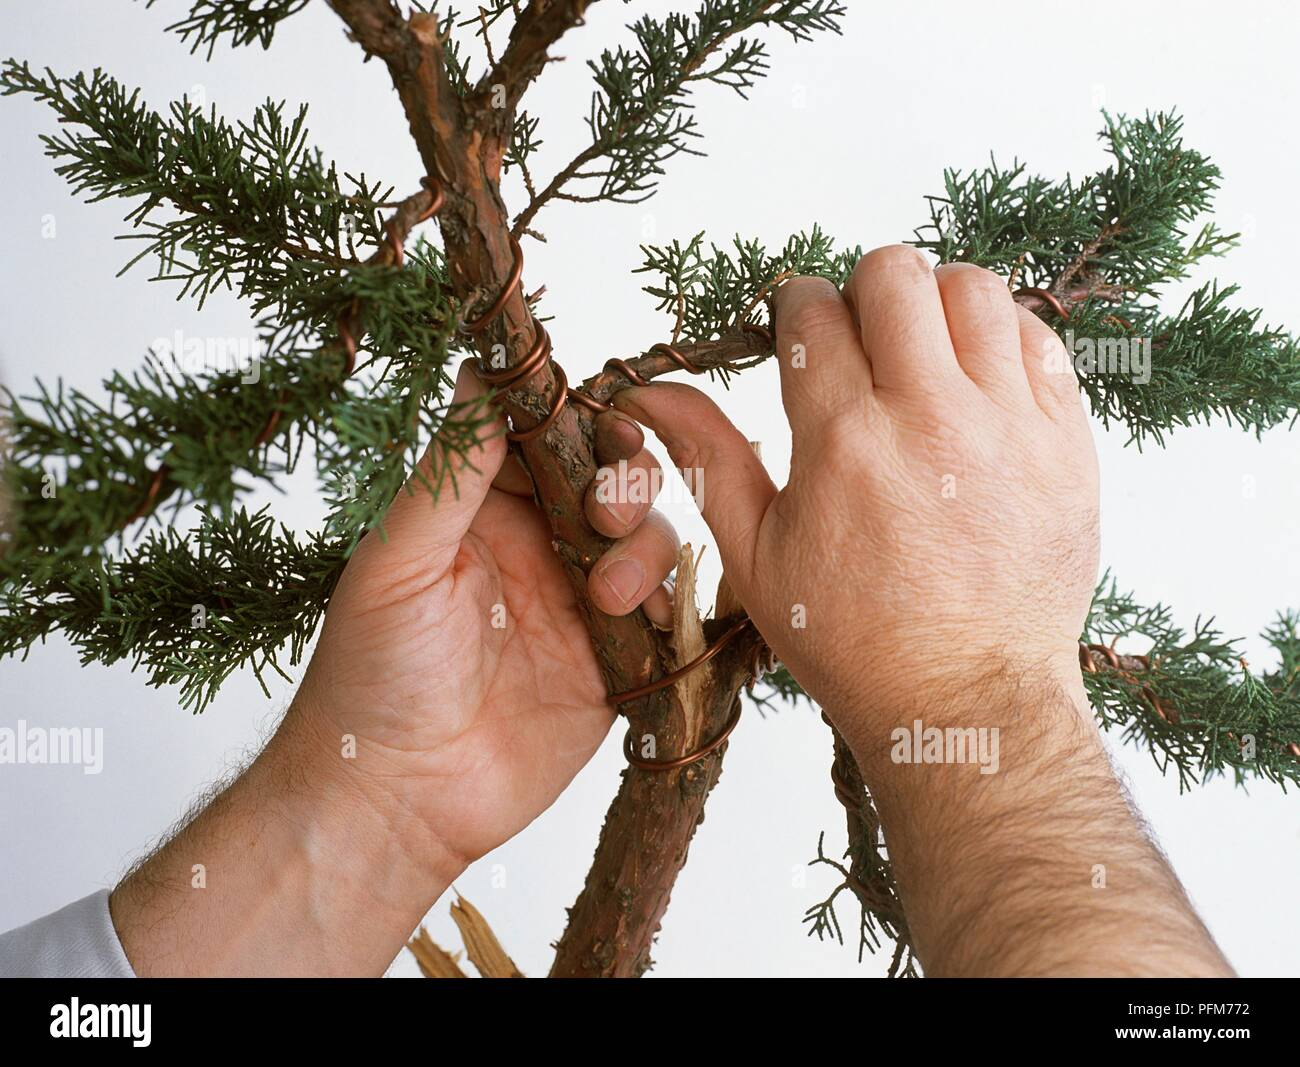 Pleasant Mans Hands Wiring Branch Of Juniperus X Media Blaauw Chinese Wiring 101 Ouplipimpapsstreekradiomeanderfmnl